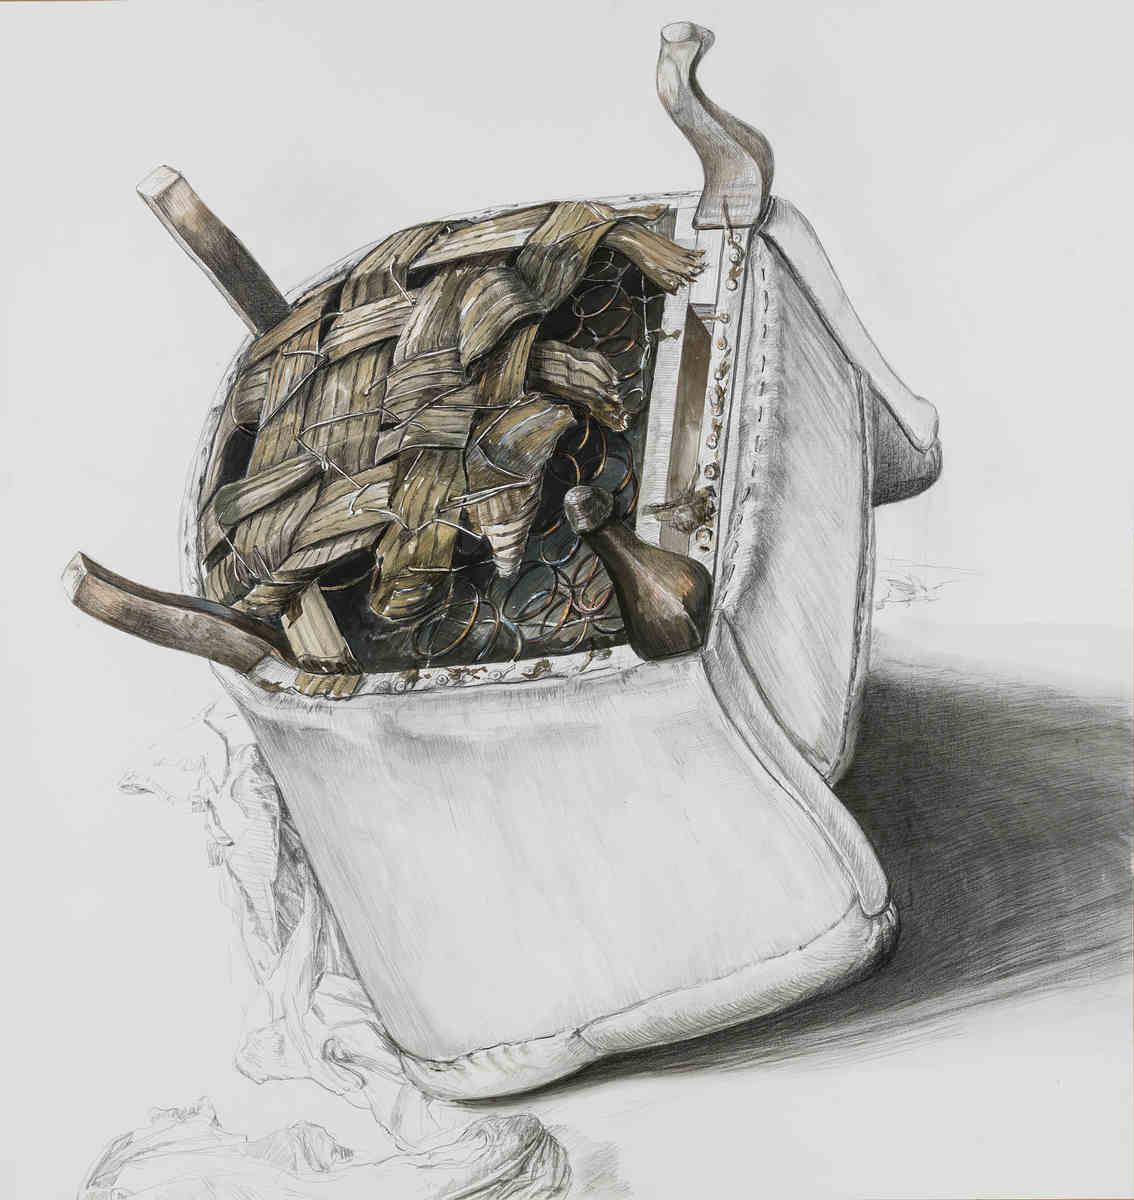 Sessel zeichnung bleistift  ZEICHNUNGEN – Stefan S. Schmidt